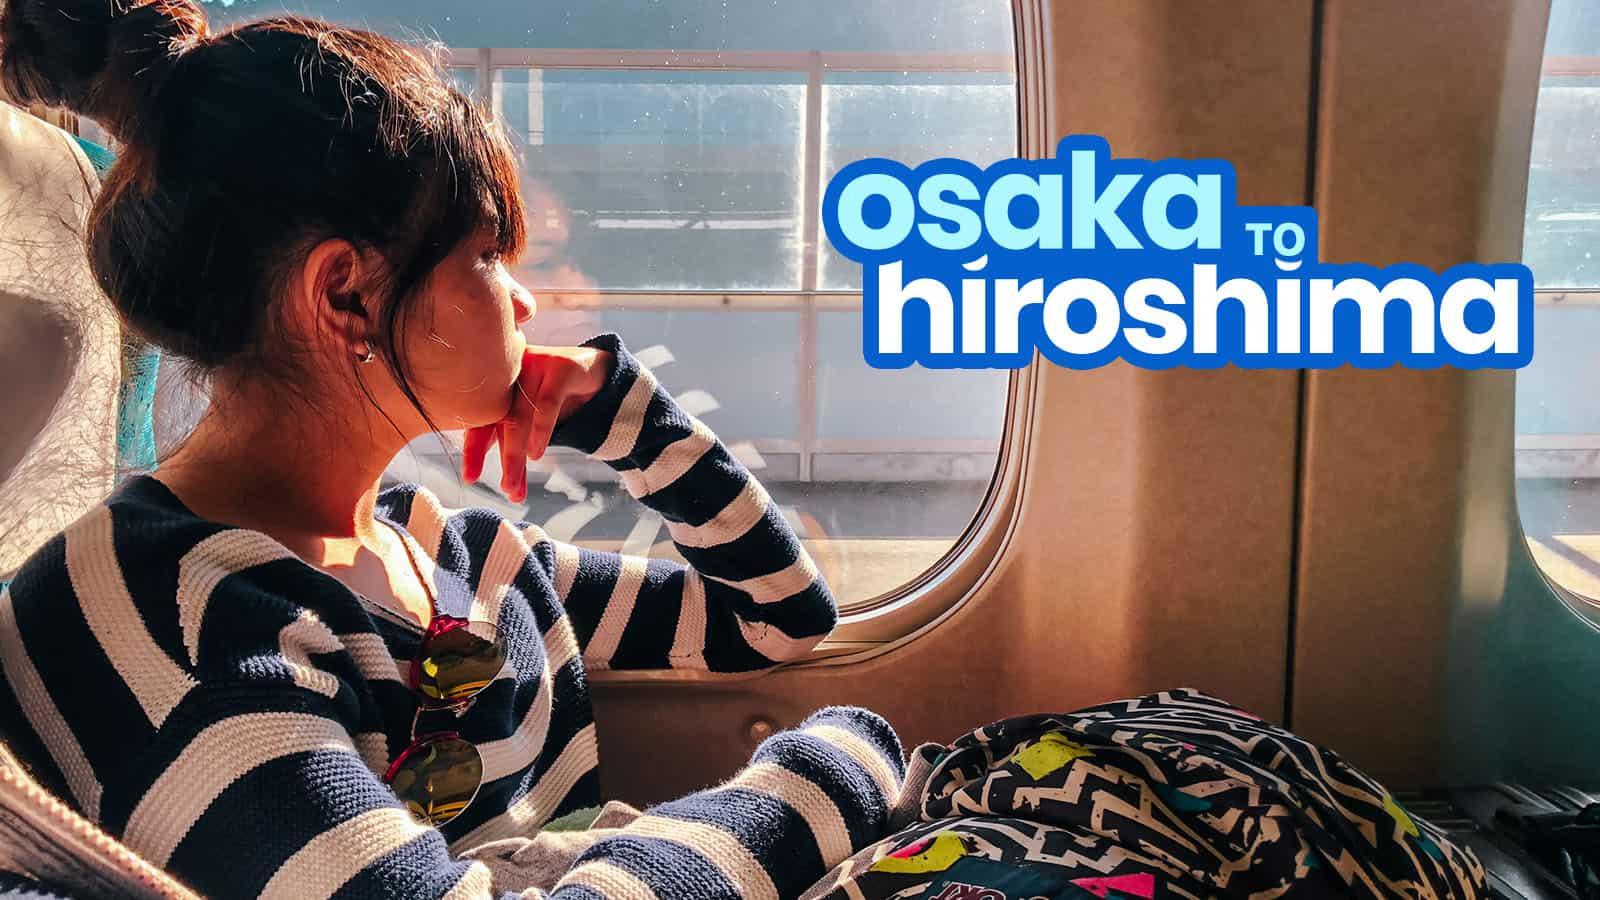 关西机场/大阪到平岛:坐大巴和坐火车 | 穷游者的行程安排博客